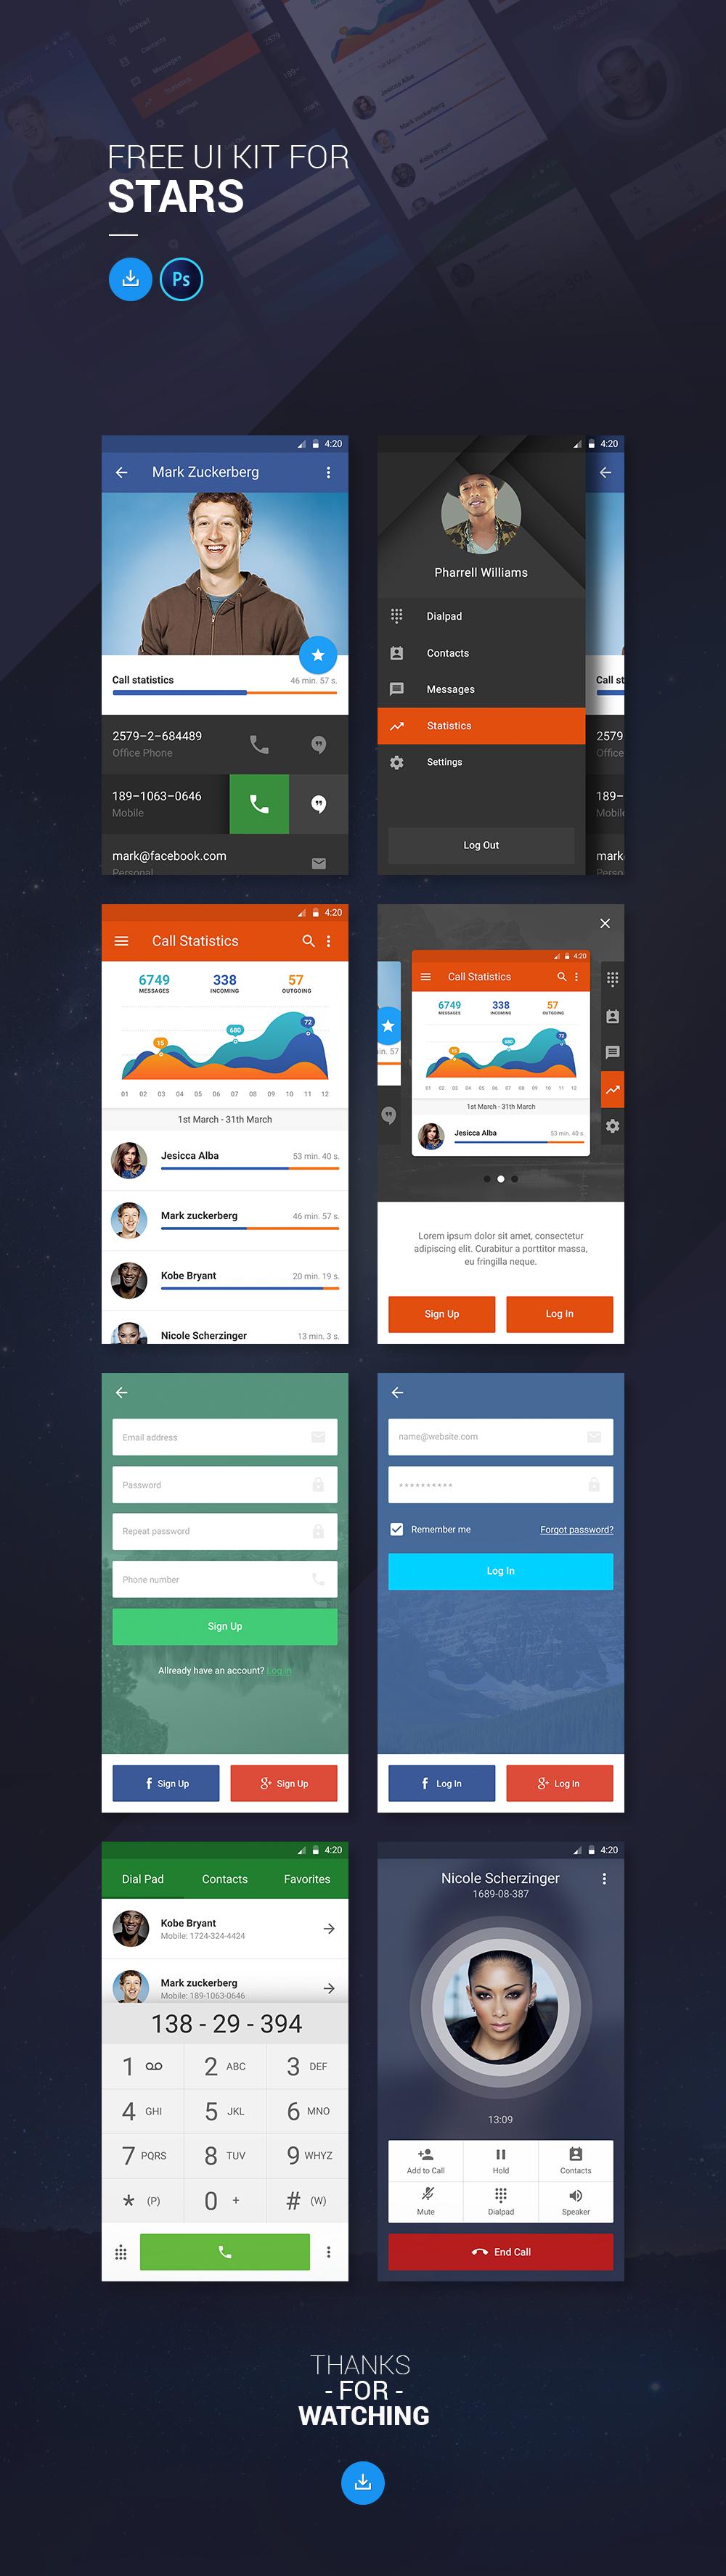 UI ux mobile freebie free app android stars